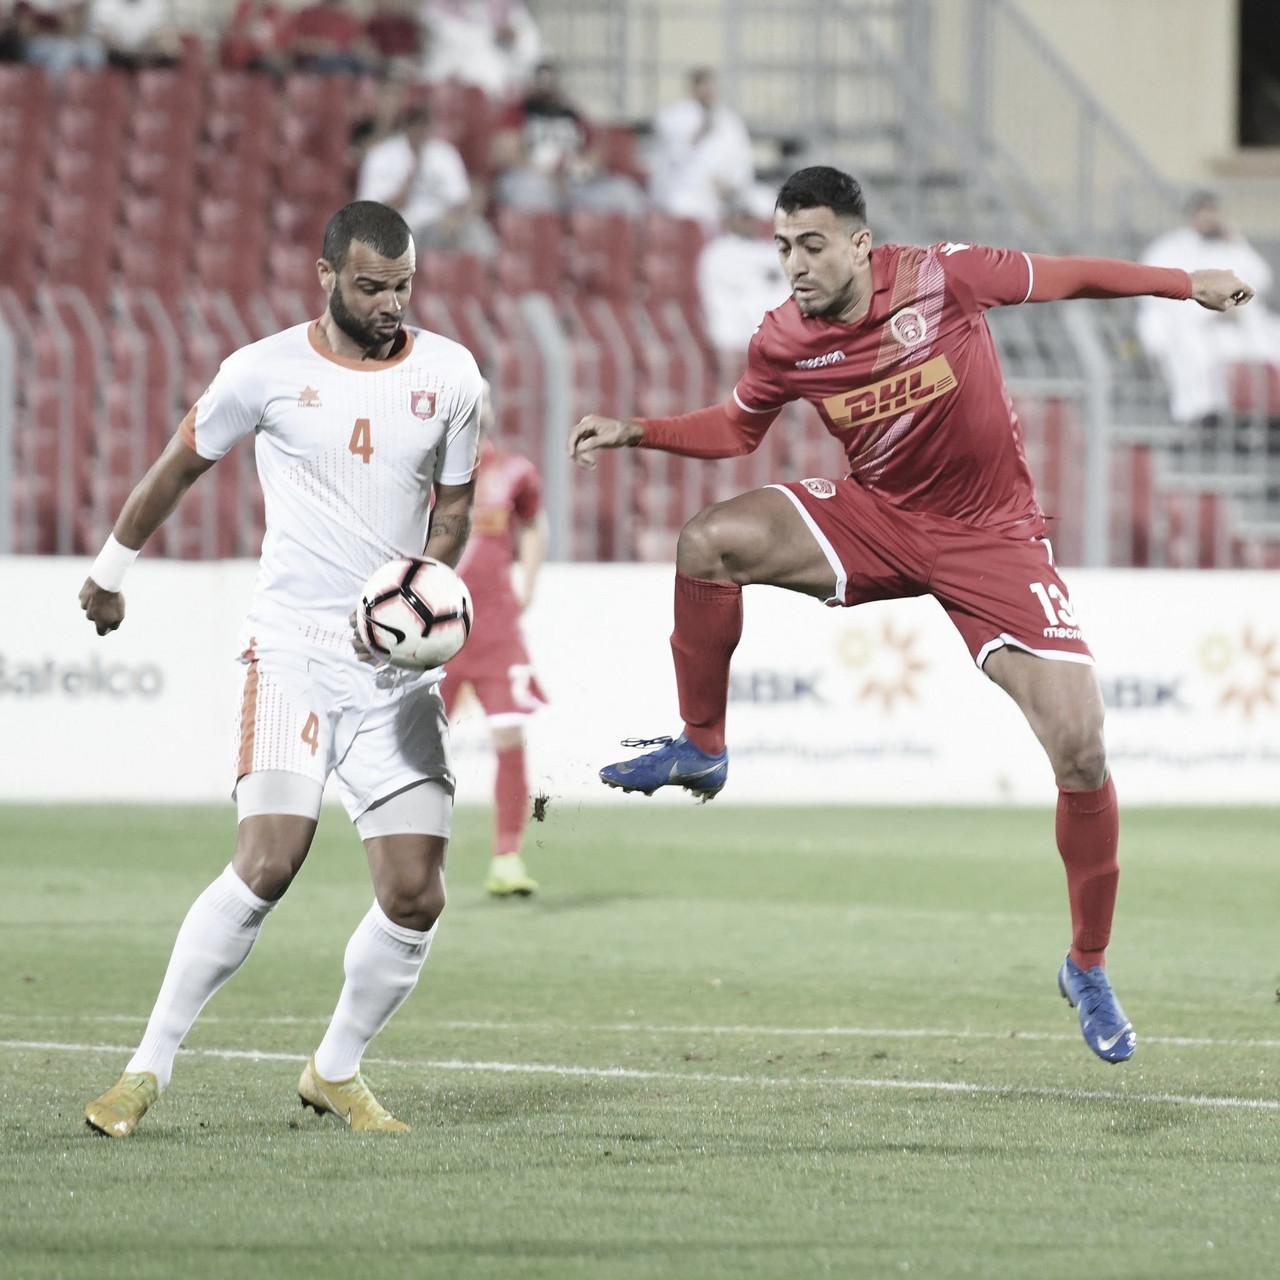 Em boa fase pelo Al-Muharraq, atacante Evertondestaca desejo de evolução no Bahrein